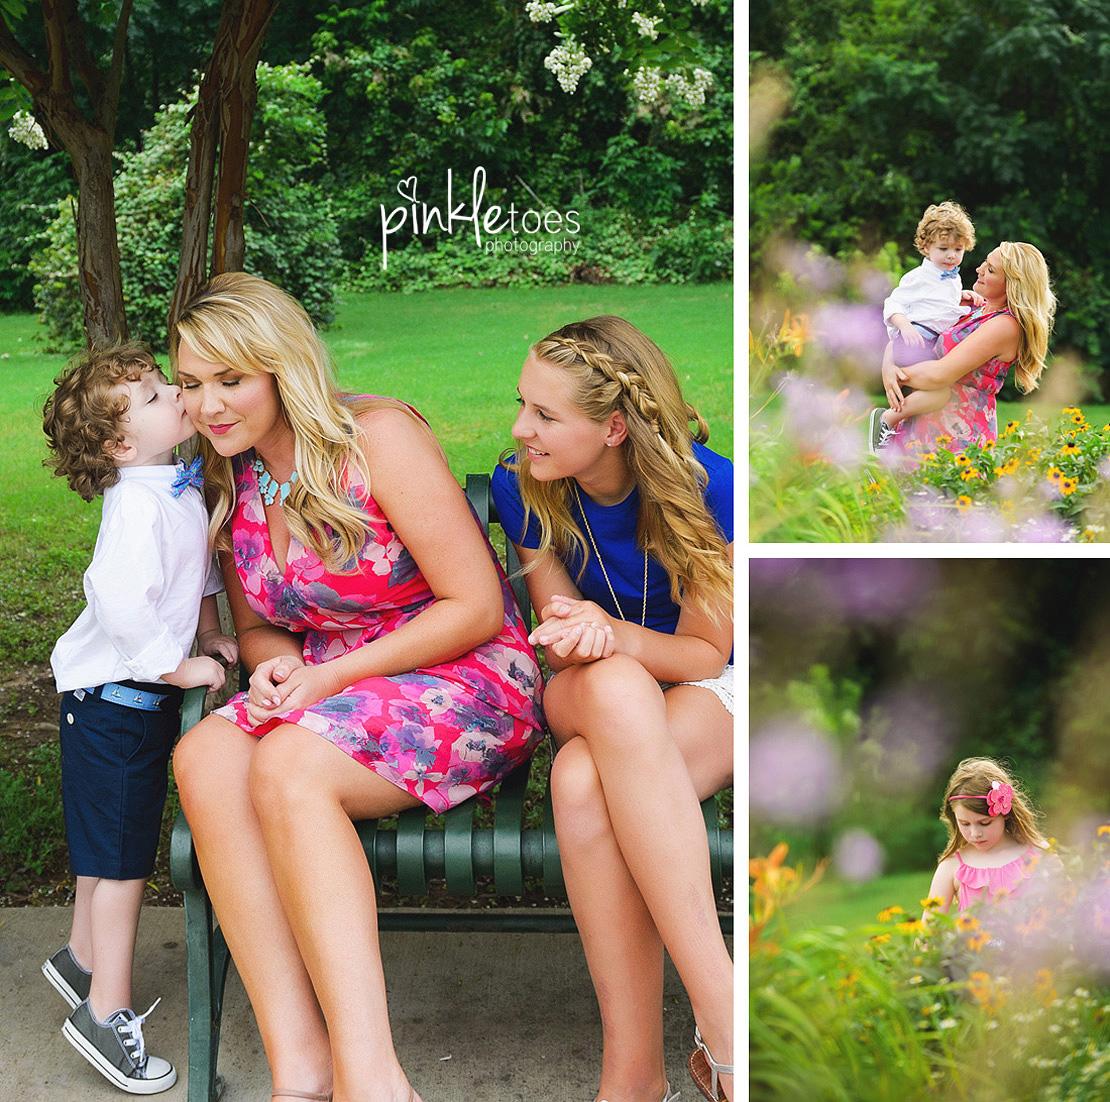 austin-city-texas-lifestyle-urban-family-photography-06